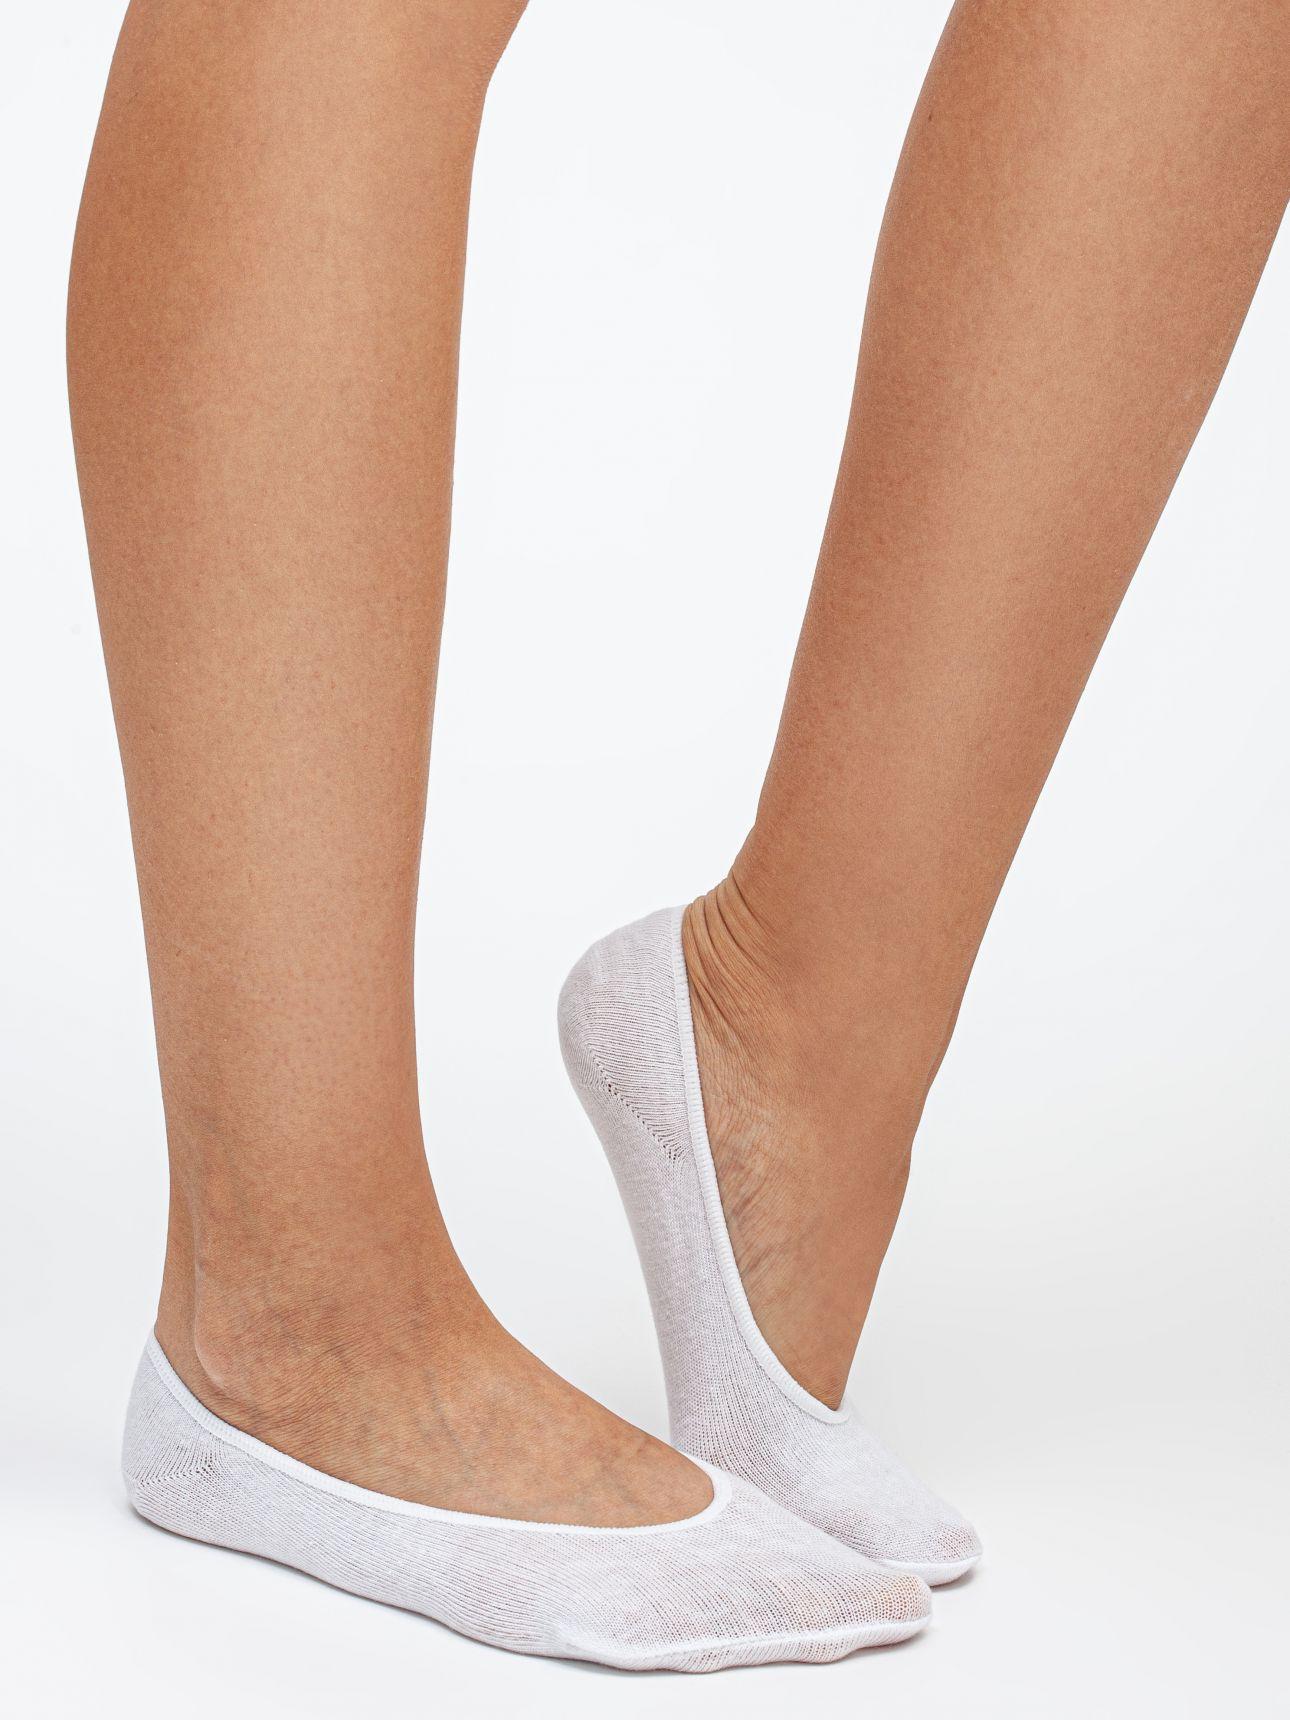 גרבי עקביות כותנה בצבע לבן